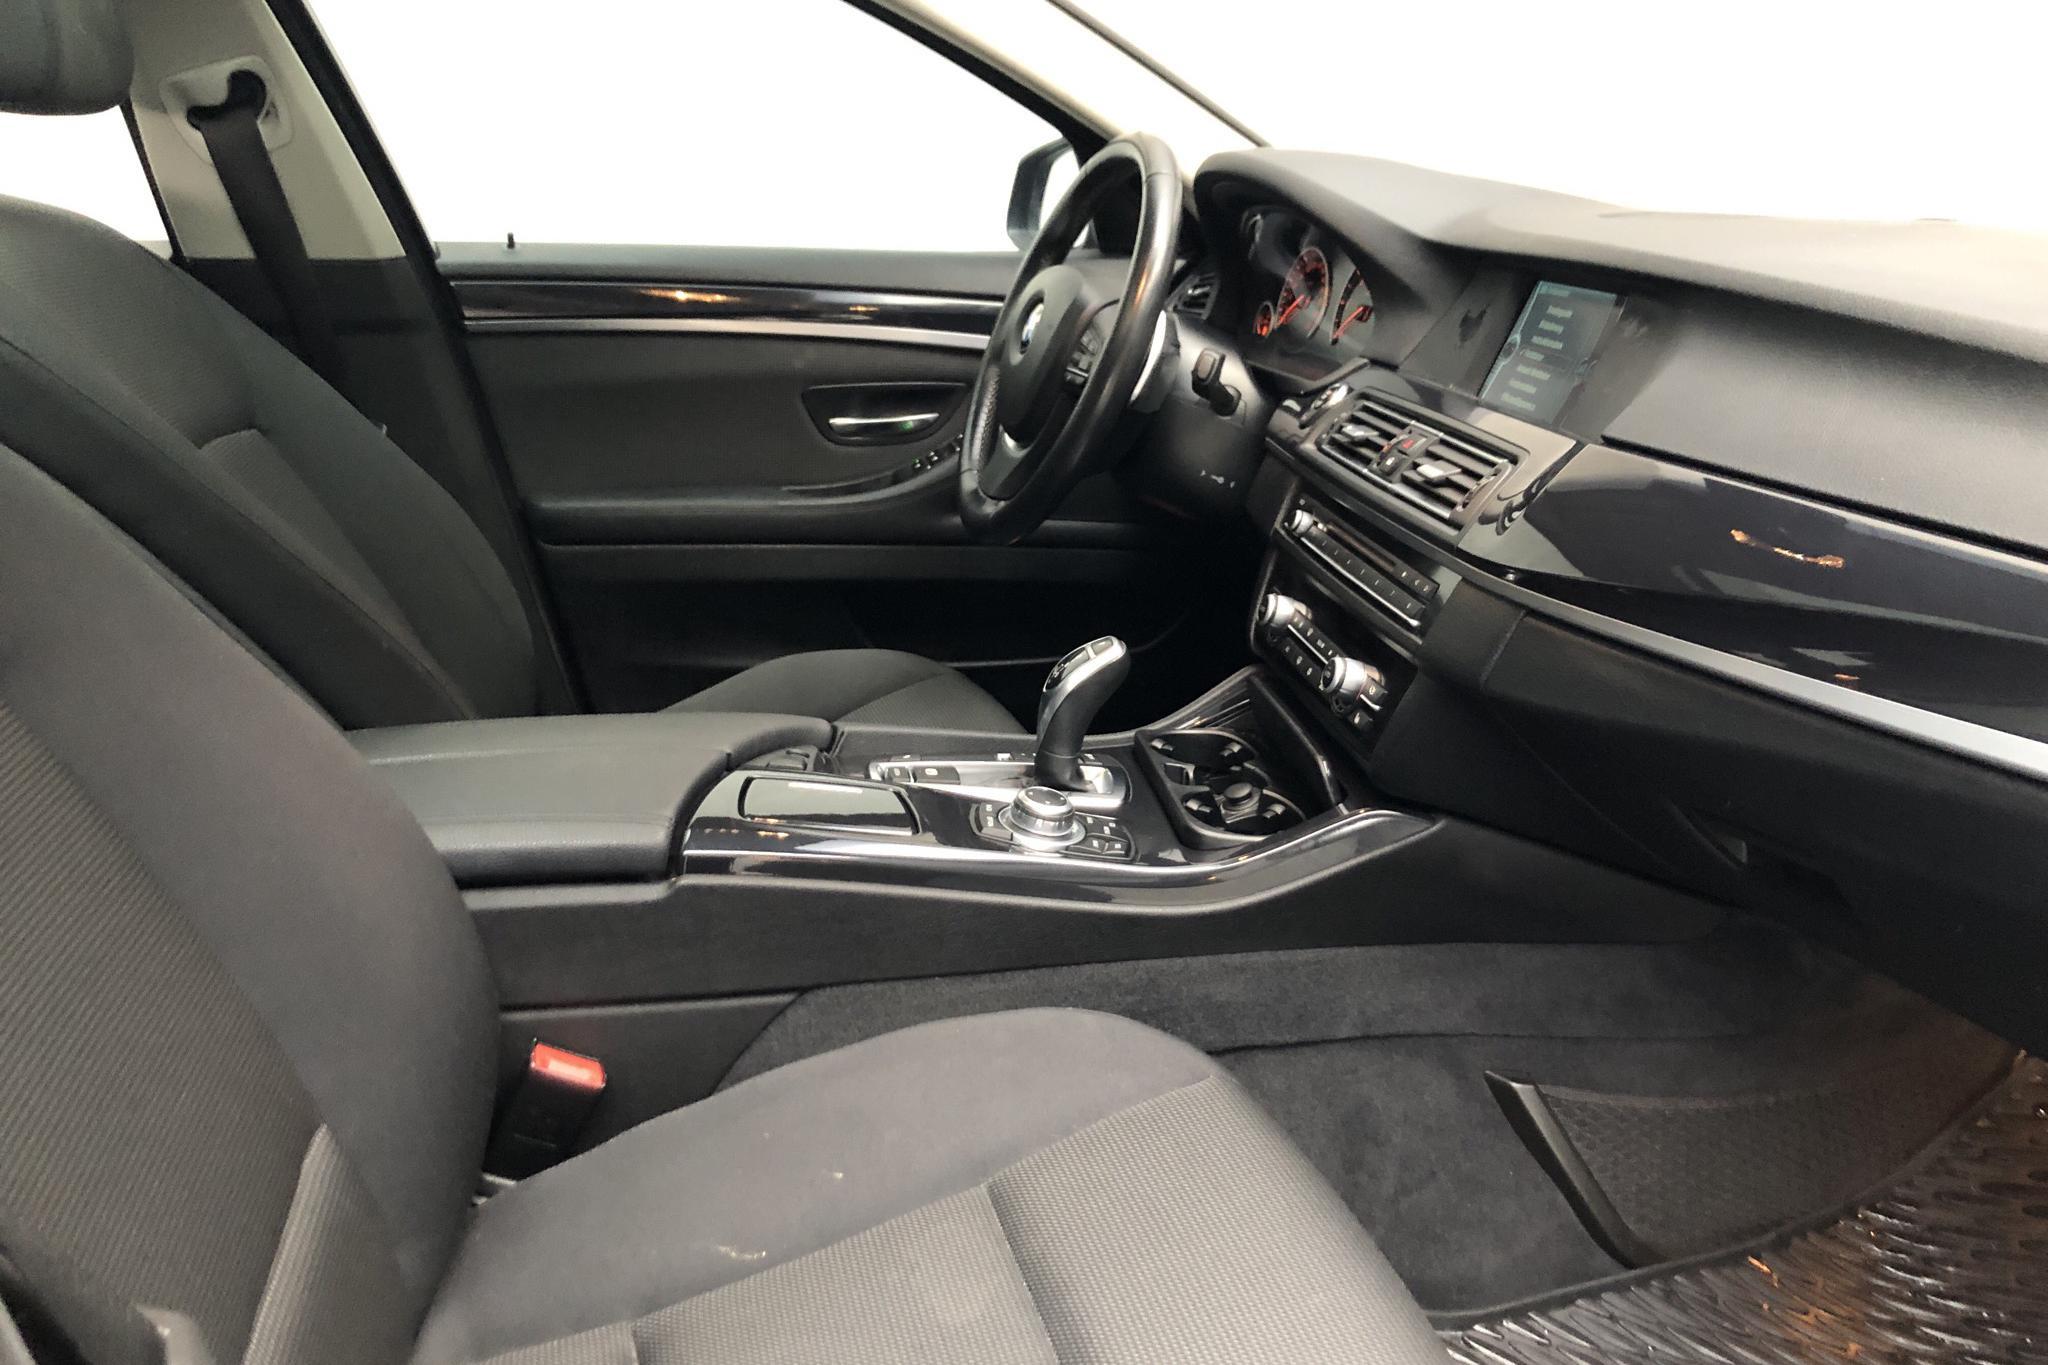 BMW 520d Touring, F11 (184hk) - 15 864 mil - Automat - svart - 2012